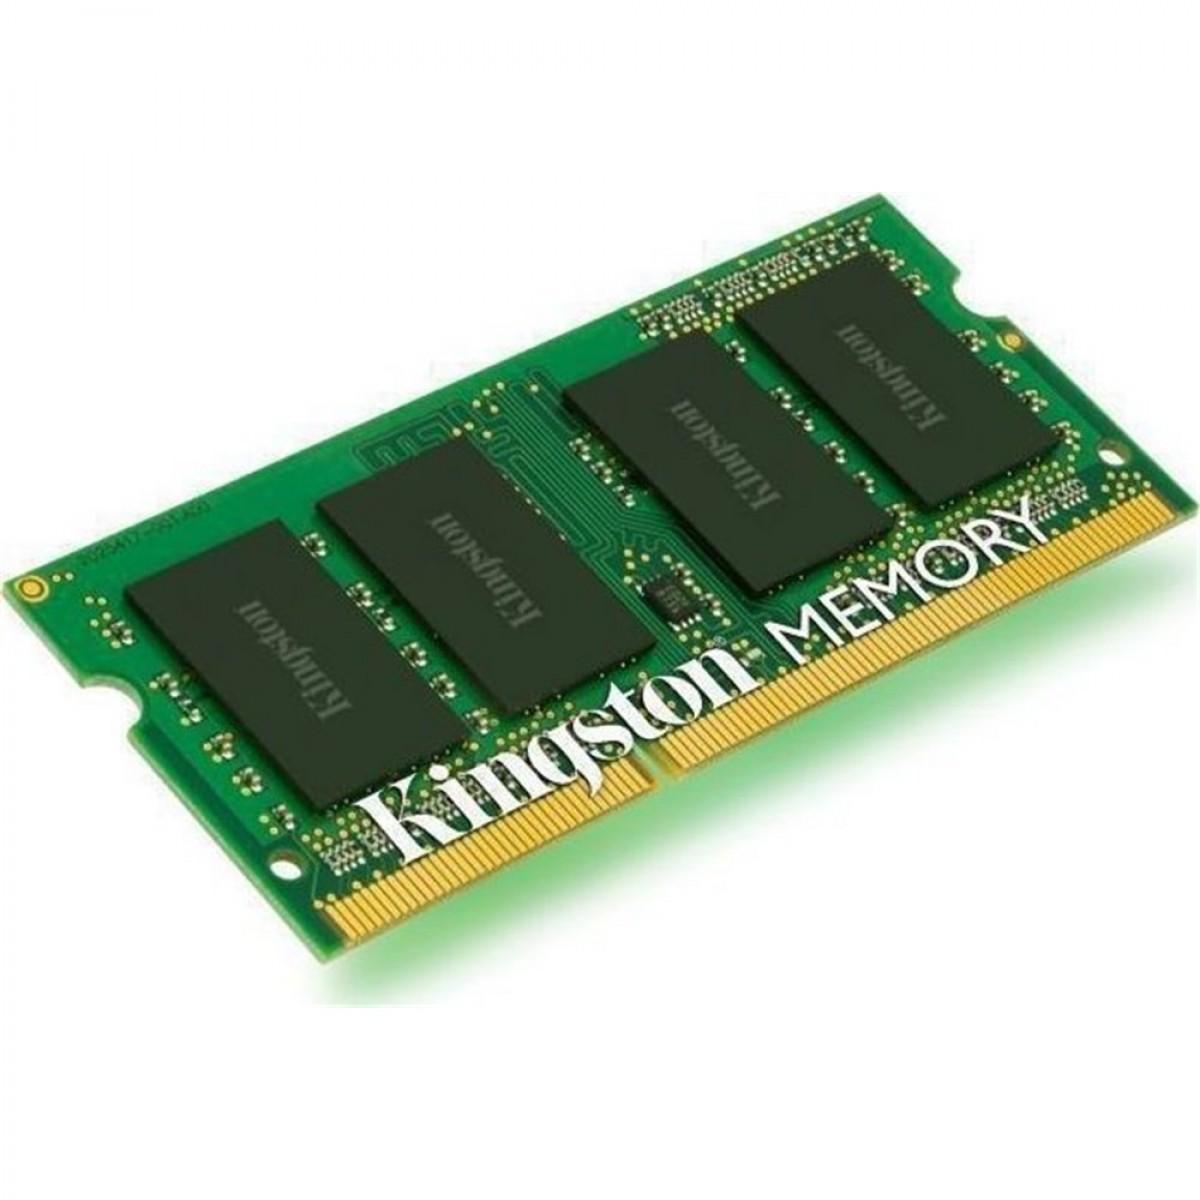 KINGSTON 4GB DDR-4 2133MHz Laptop Memory